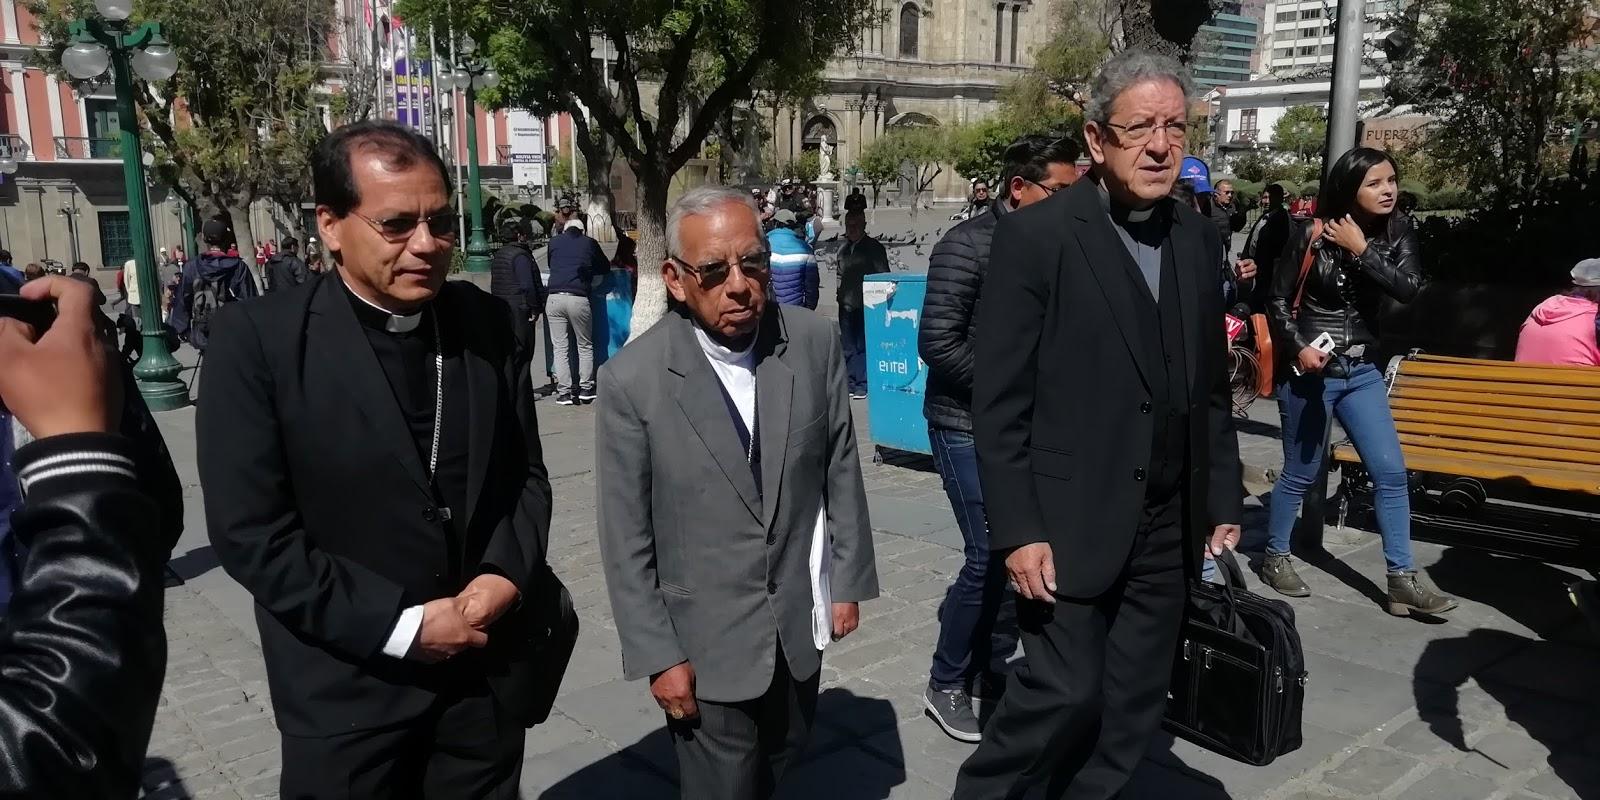 Cardenal Ticona acompañado por los miembros de la CEB en plaza Murillo / ABI